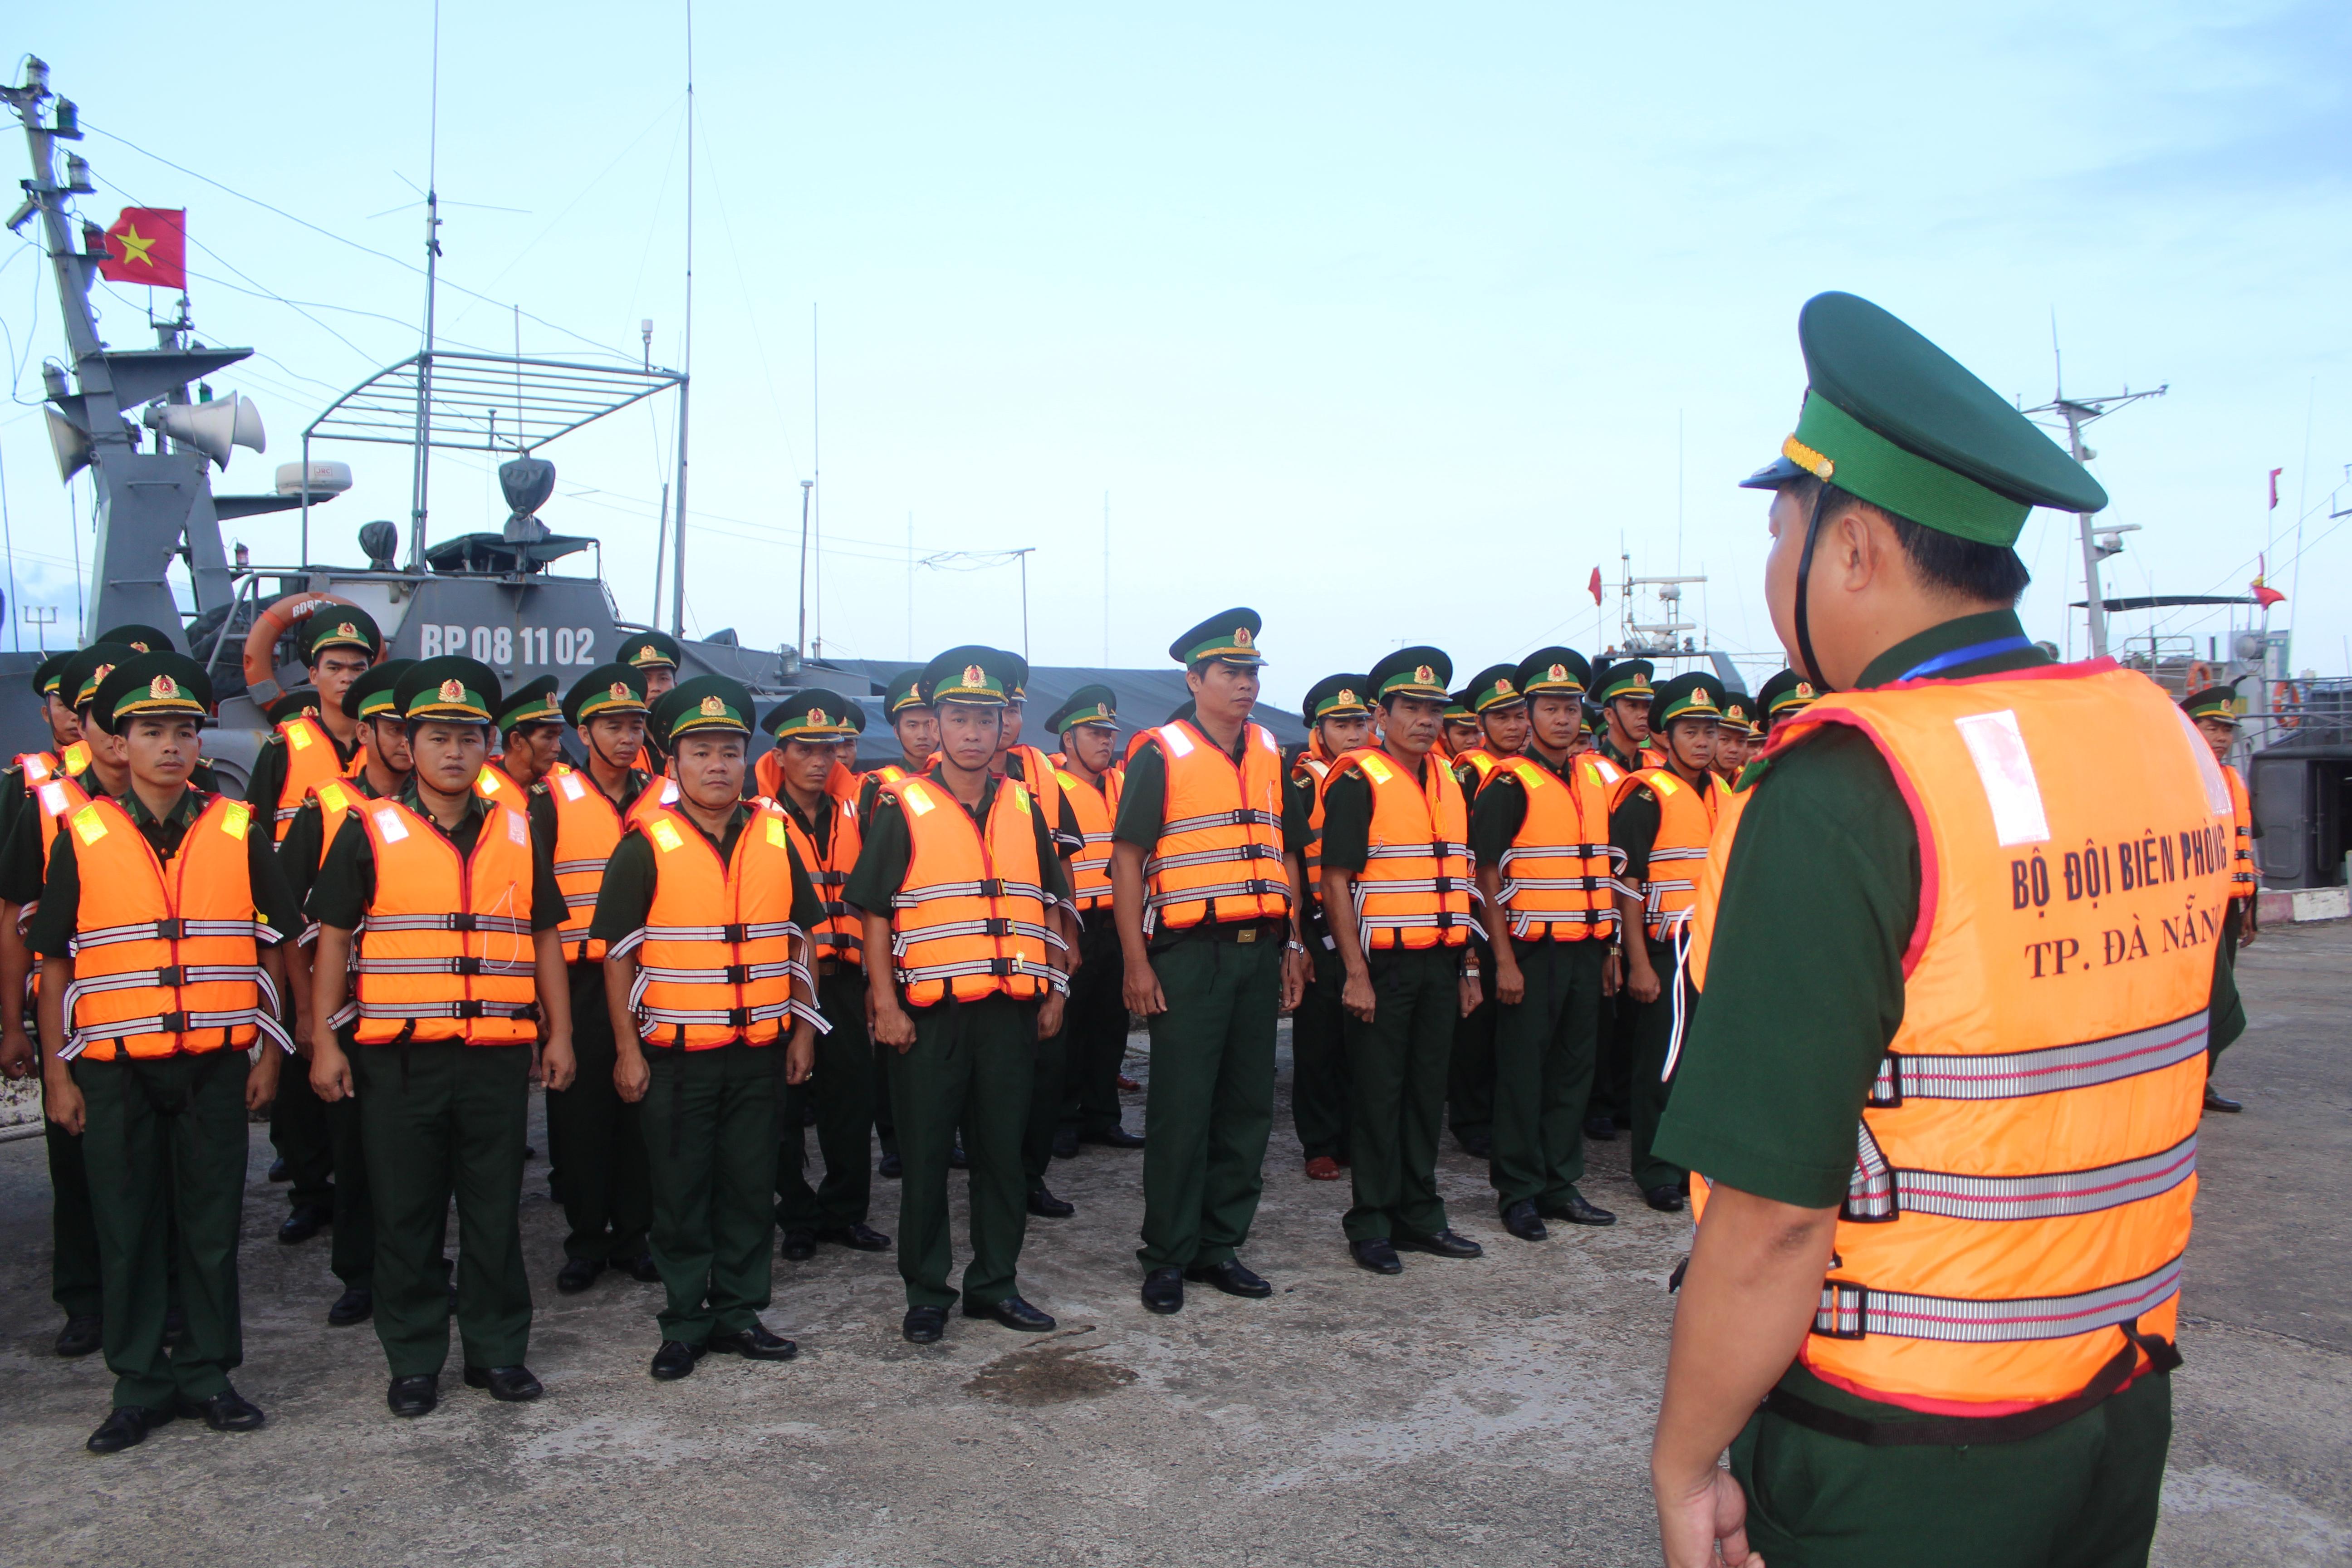 BĐBP Đà Nẵng hoàn thành tốt nhiệm vụ bảo vệ Tuần lễ Cấp cao APEC 2017